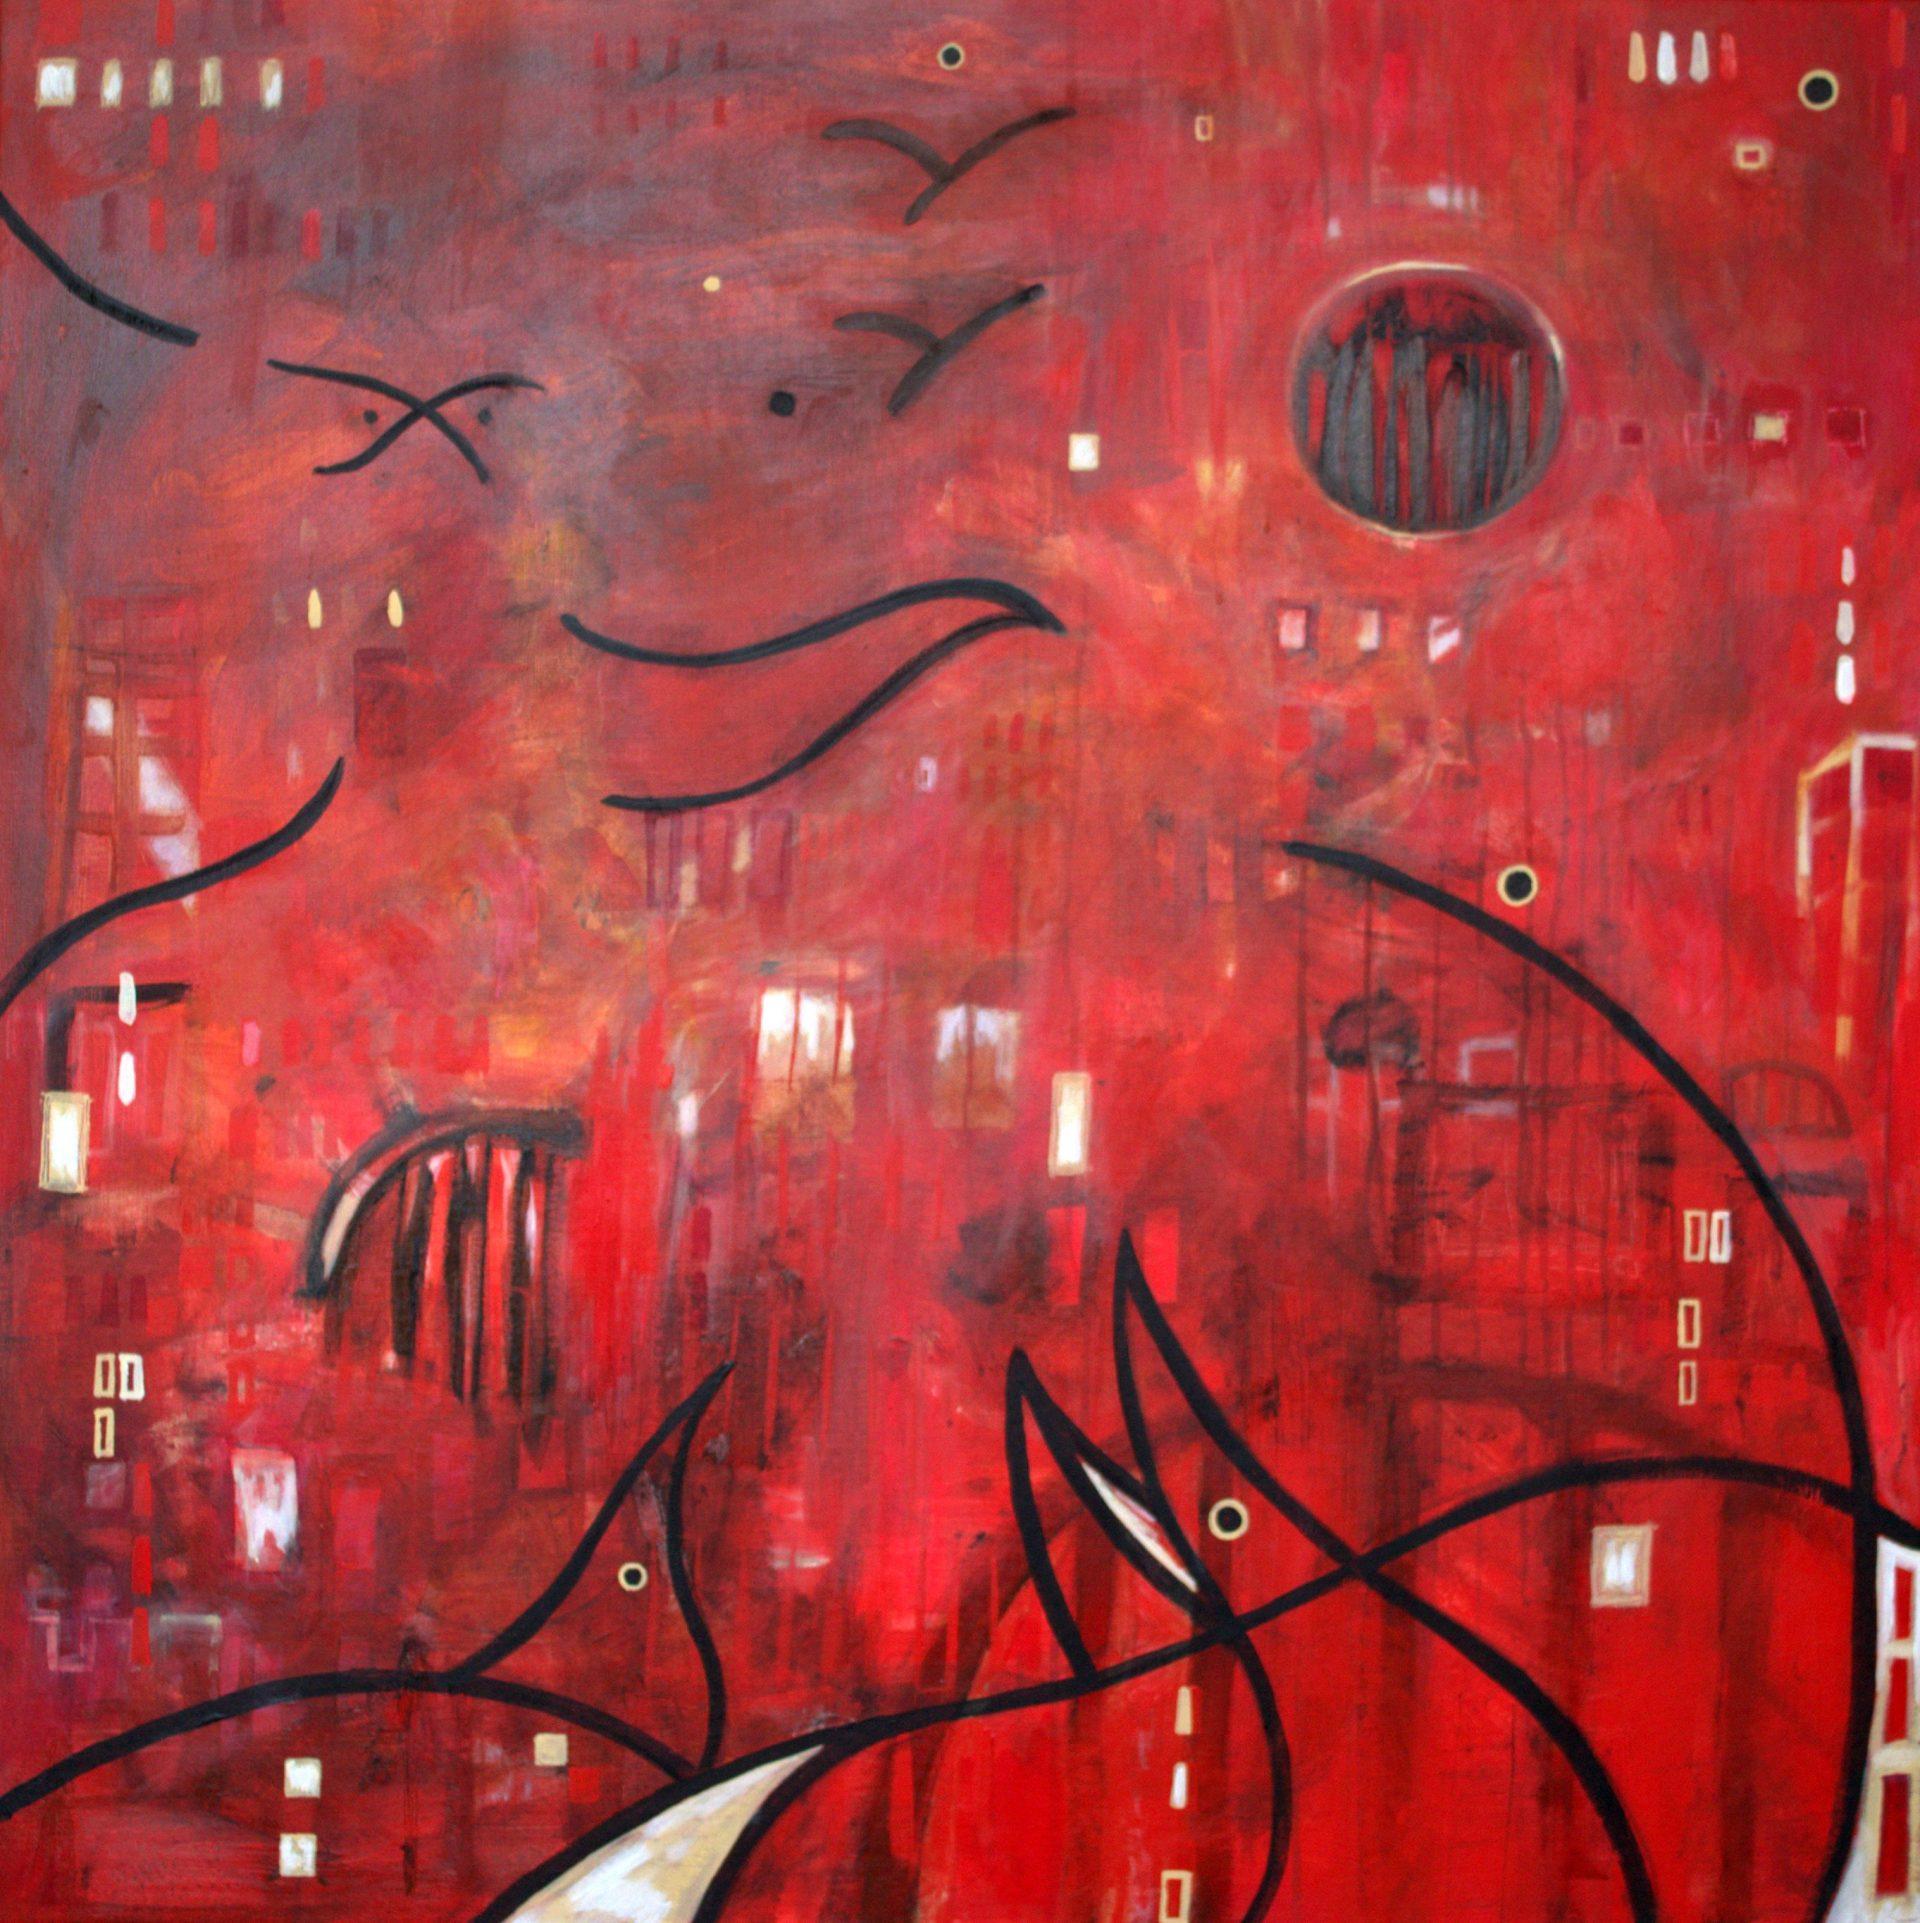 kunstenaar-utrecht-kunst-ltuziam-l-tuziasm-schilderij-art-artist-painting-urban